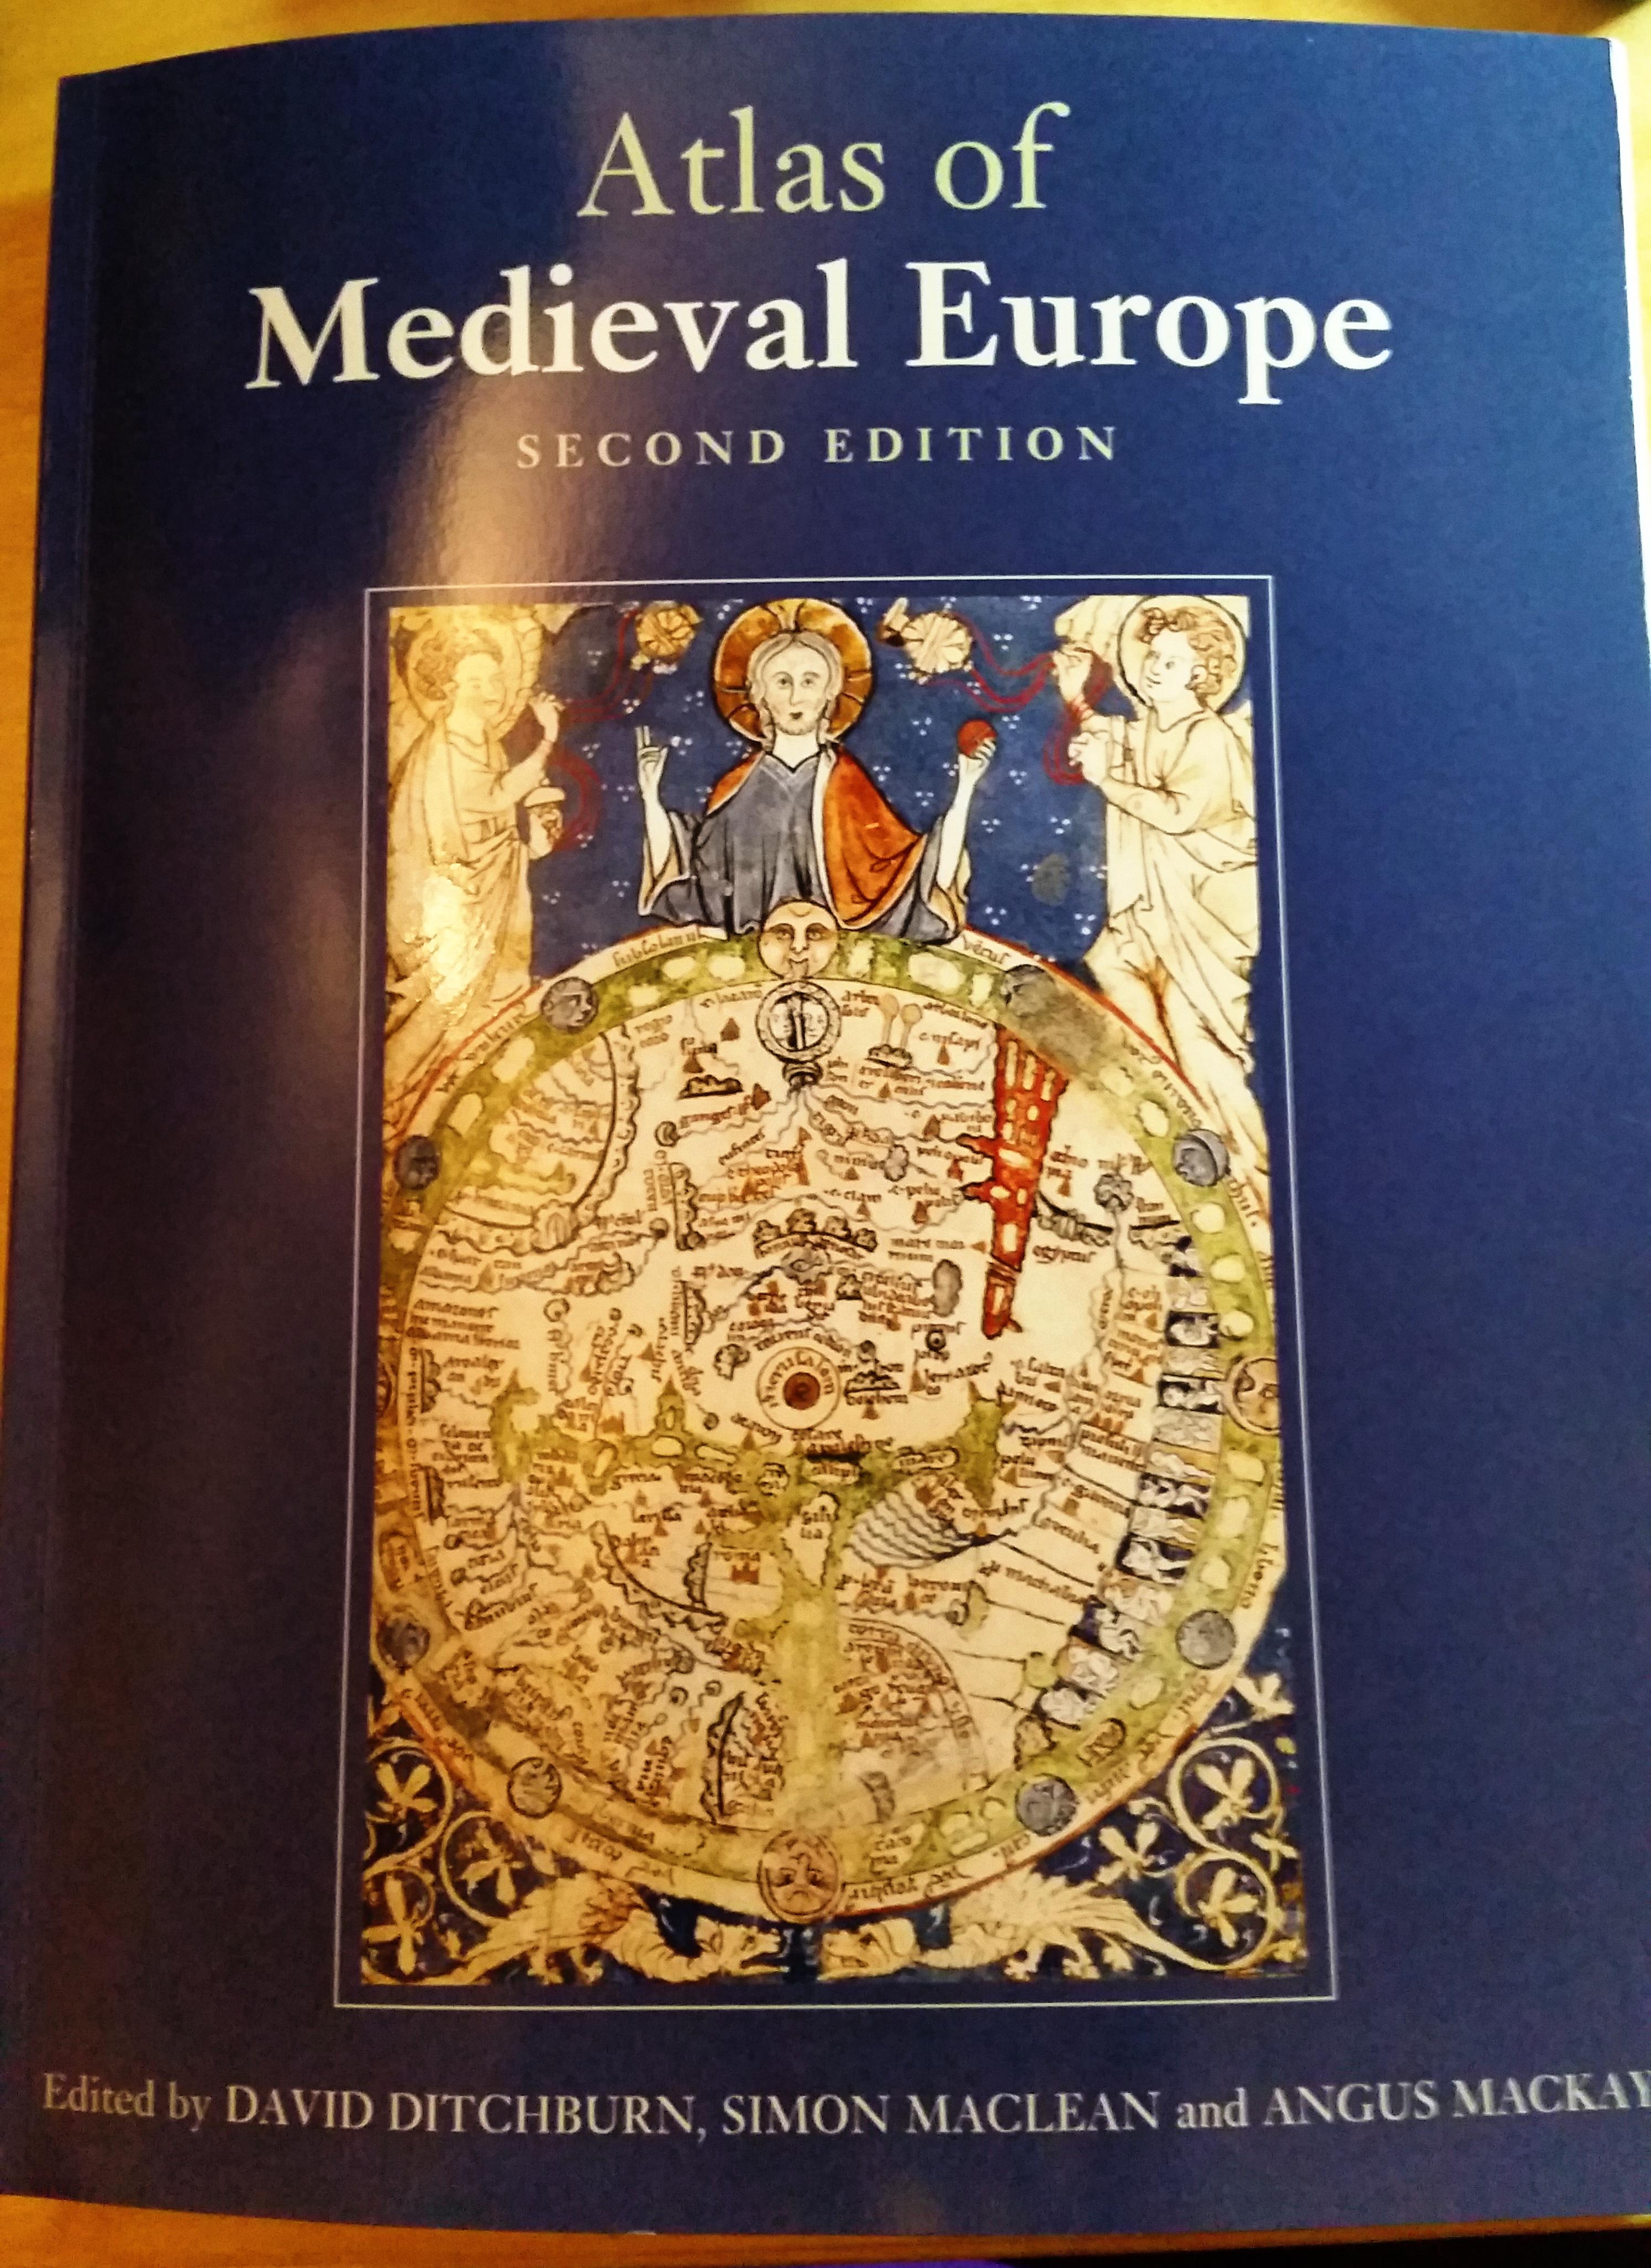 Neues in der Bibliothek: Atlas of Medieval Europe